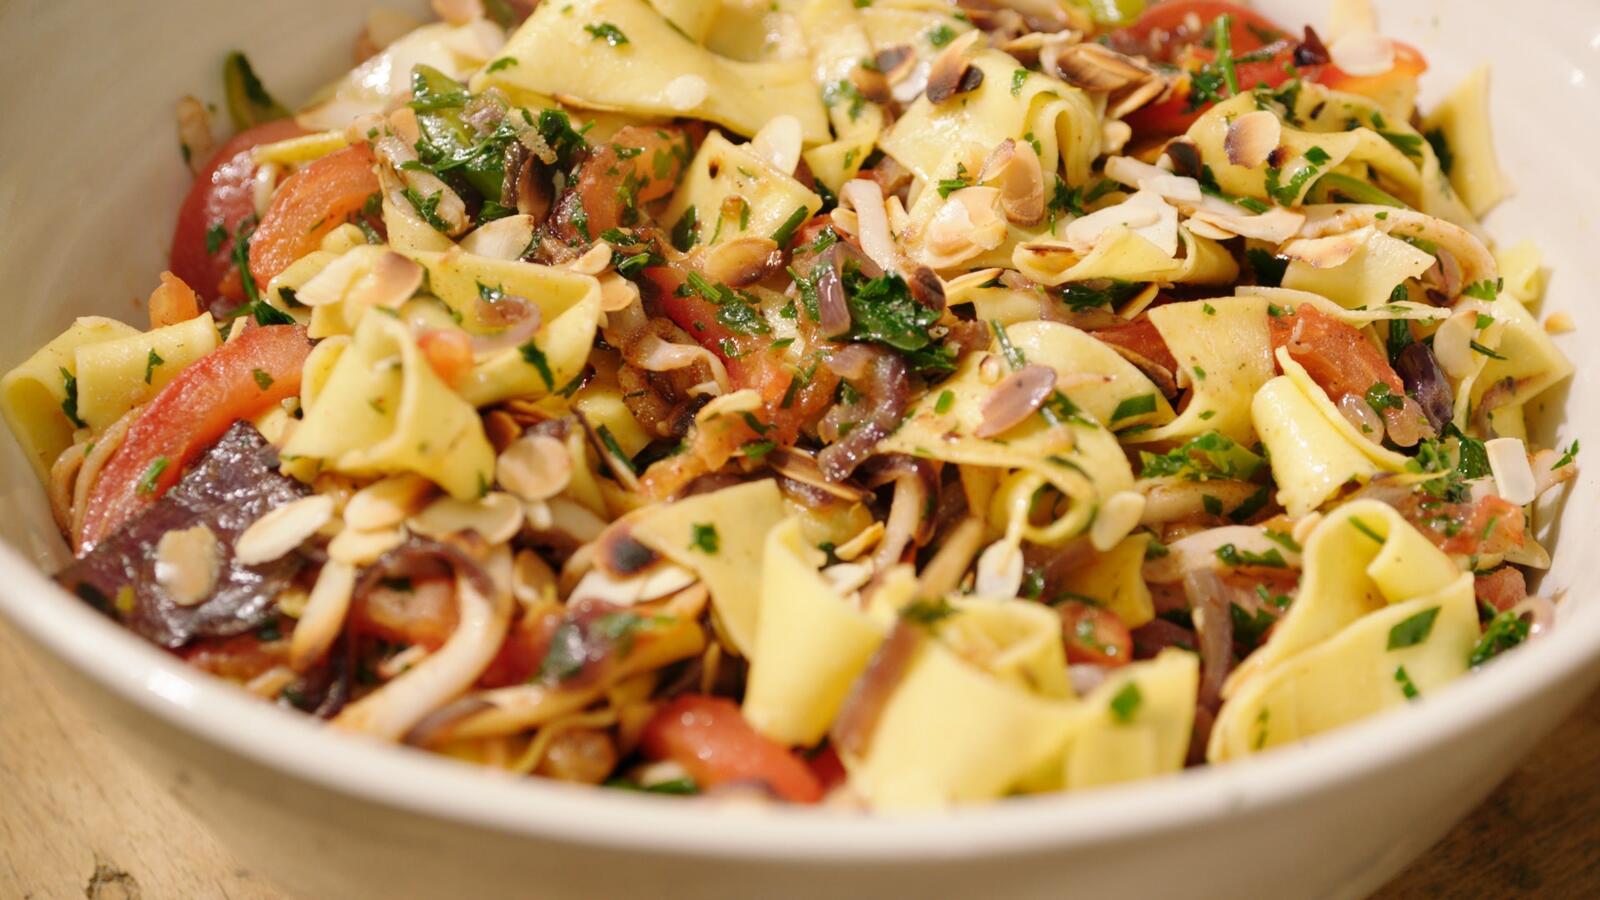 Pittige pasta met pijlinktvis, tomaten en peterselie